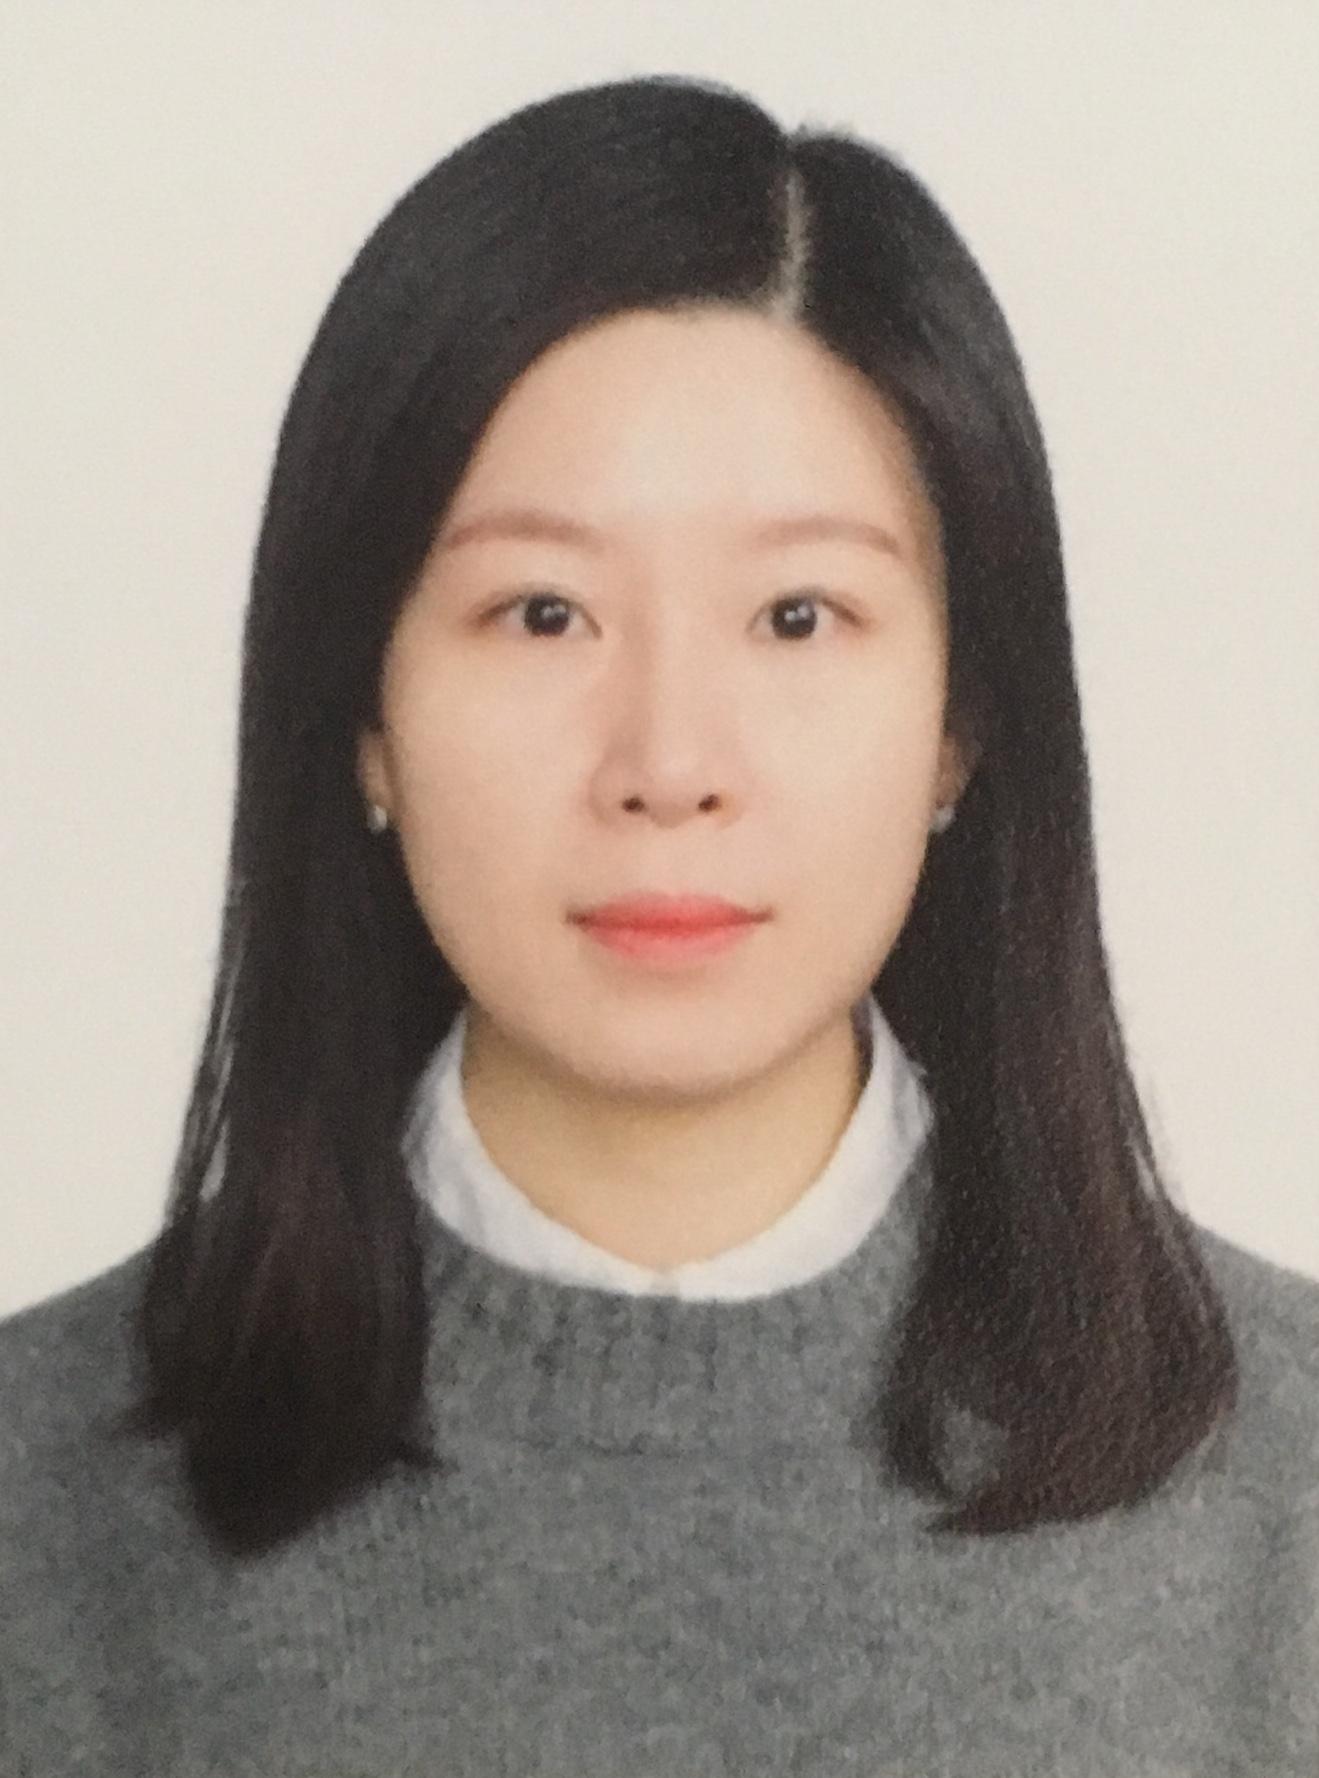 김부성 프로필 사진